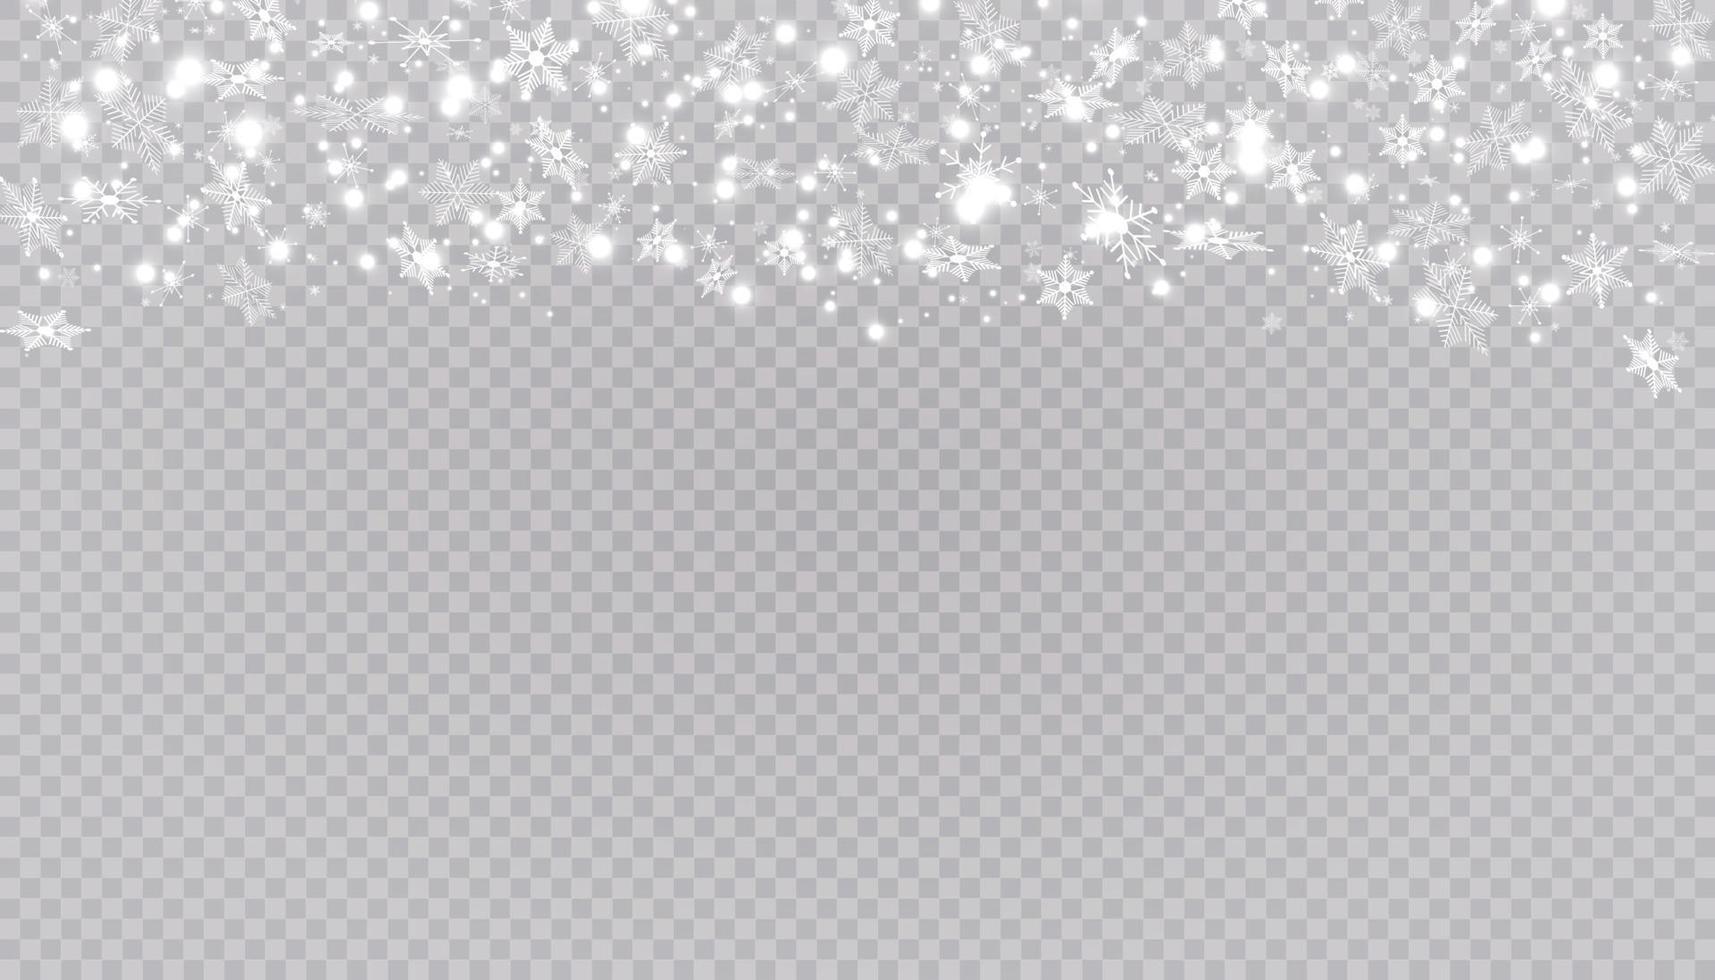 la neige blanche vole. flocons de neige de Noël. illustration de fond hiver blizzard. vecteur